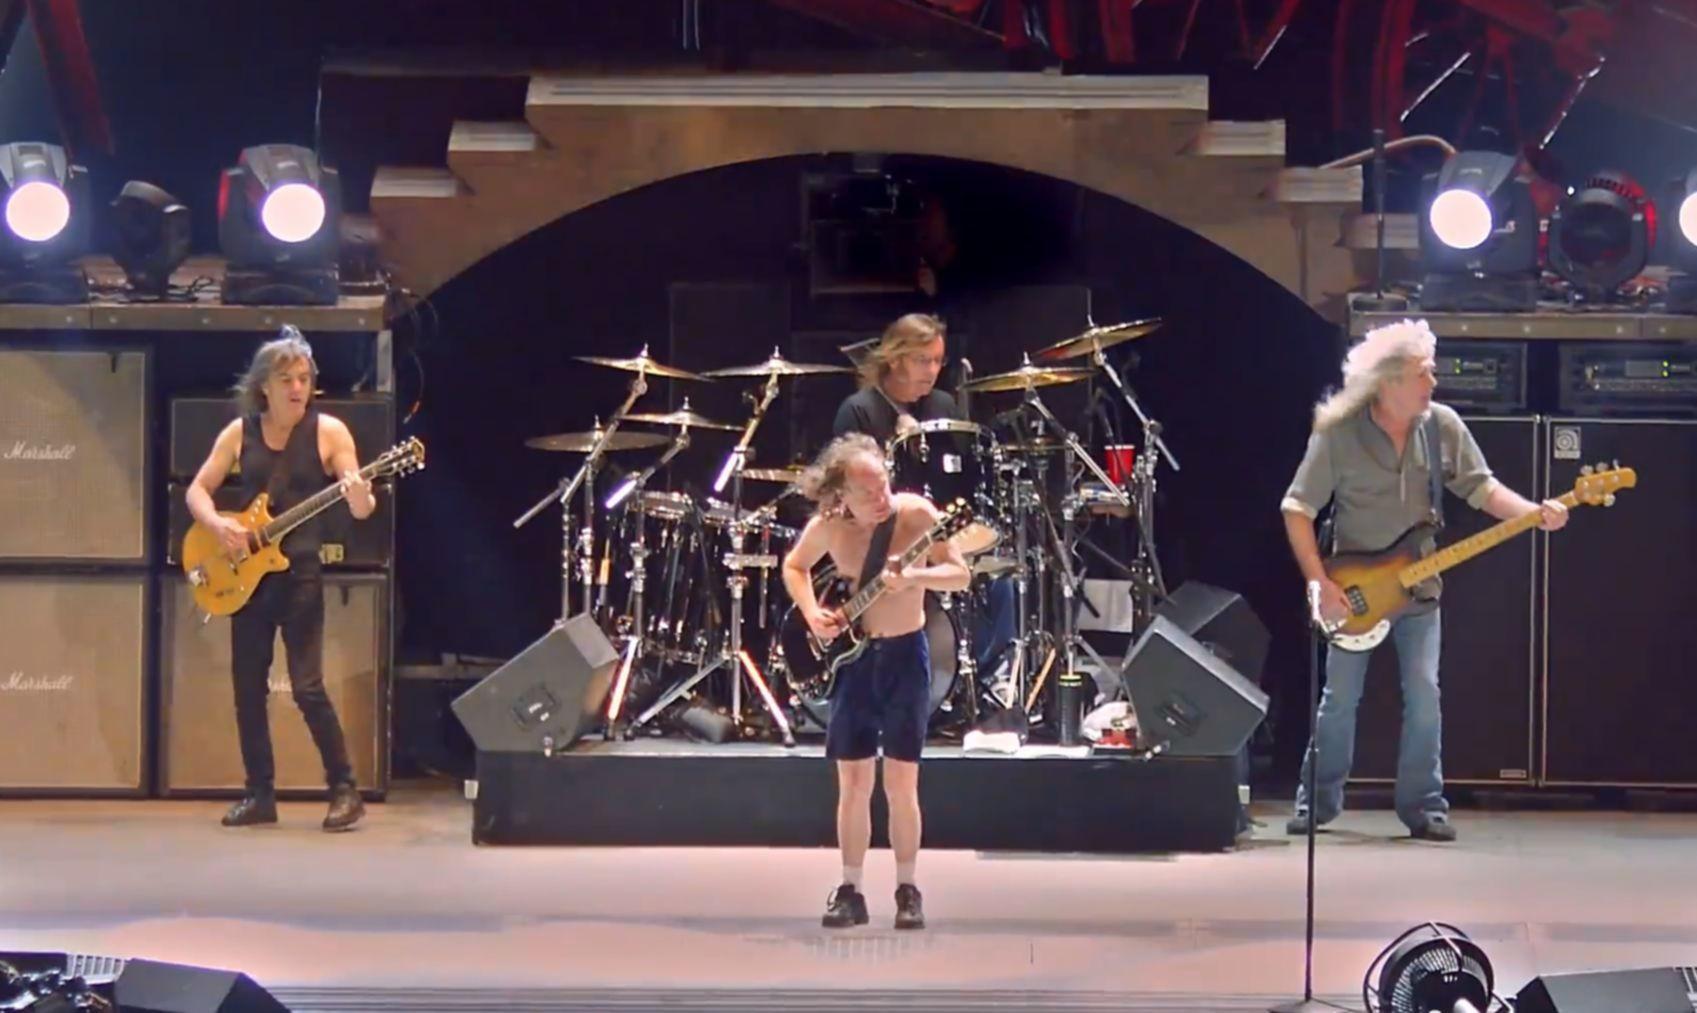 acdc 2009 video still